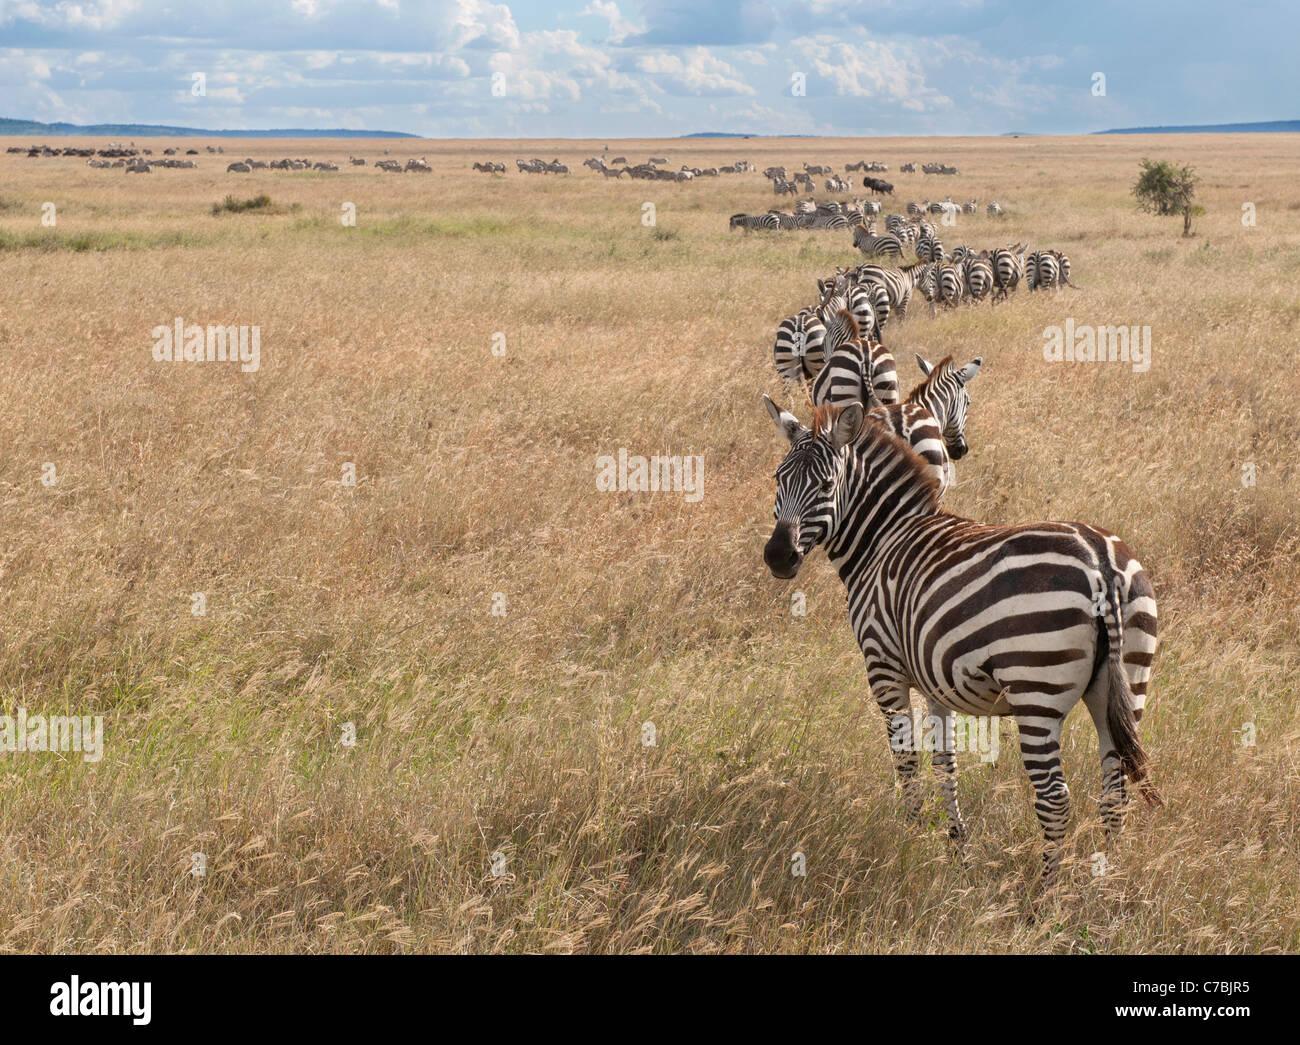 Cebras en el Parque Nacional del Serengeti, Tanzania, África Imagen De Stock